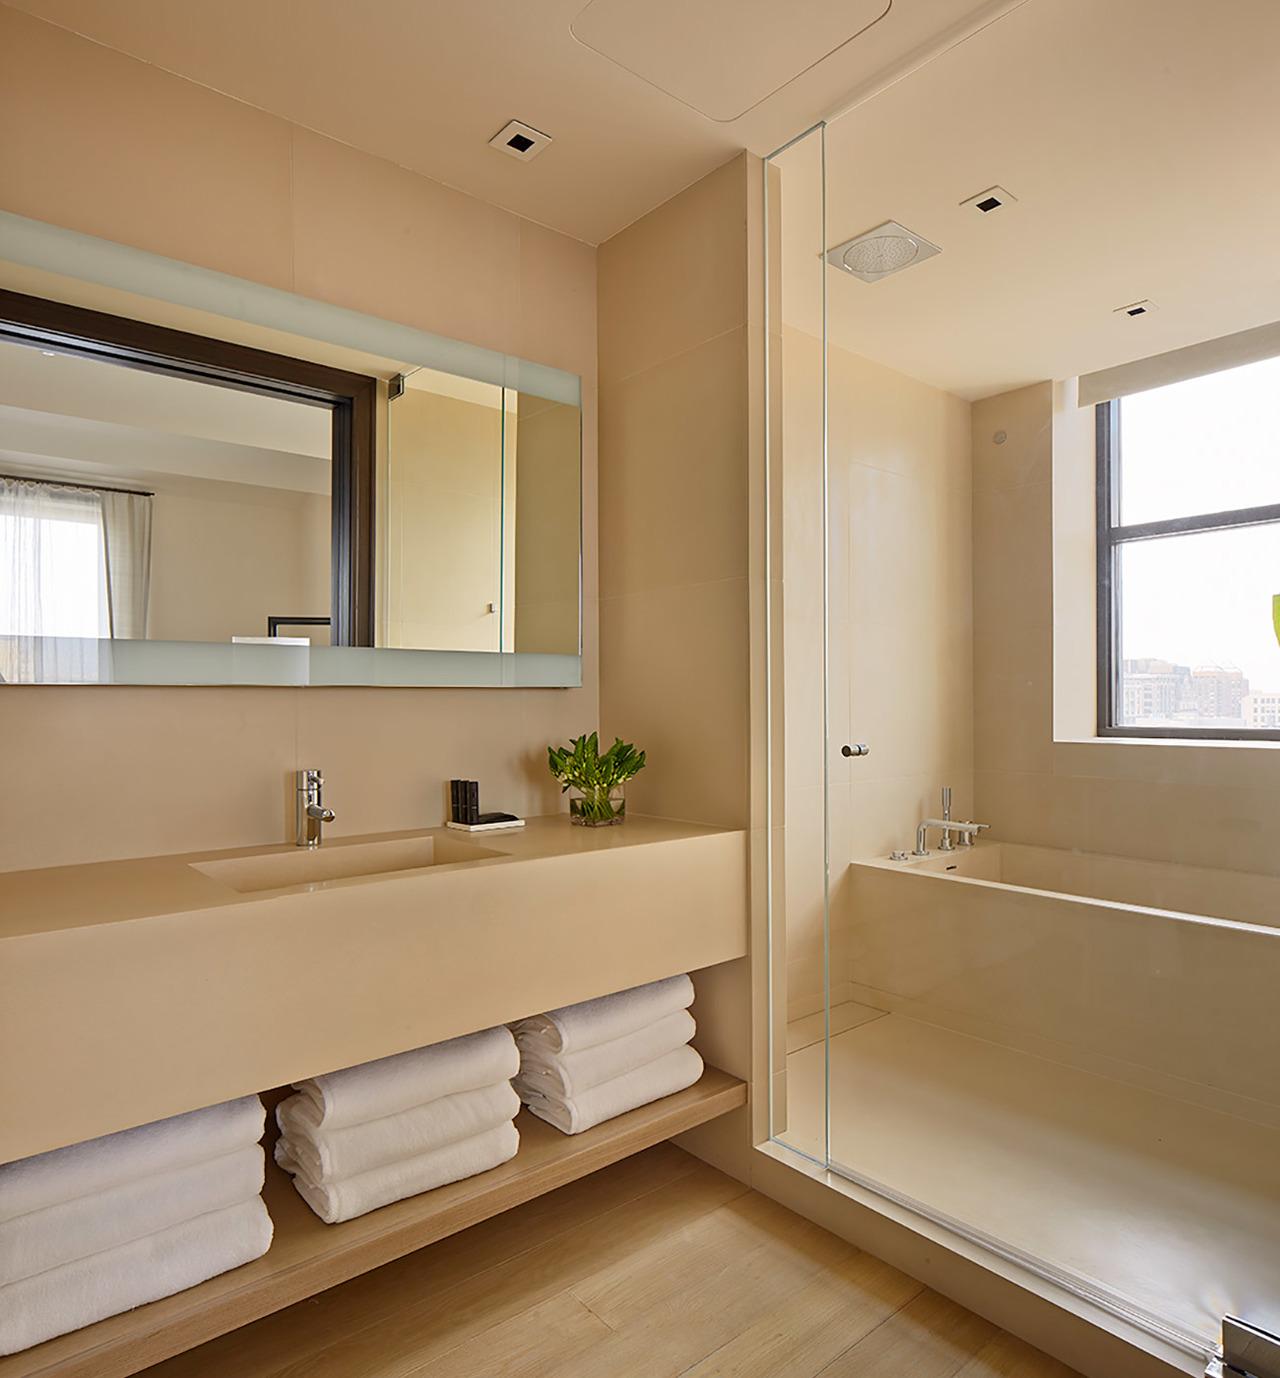 Suite-Bathroom-1300x1400.jpg